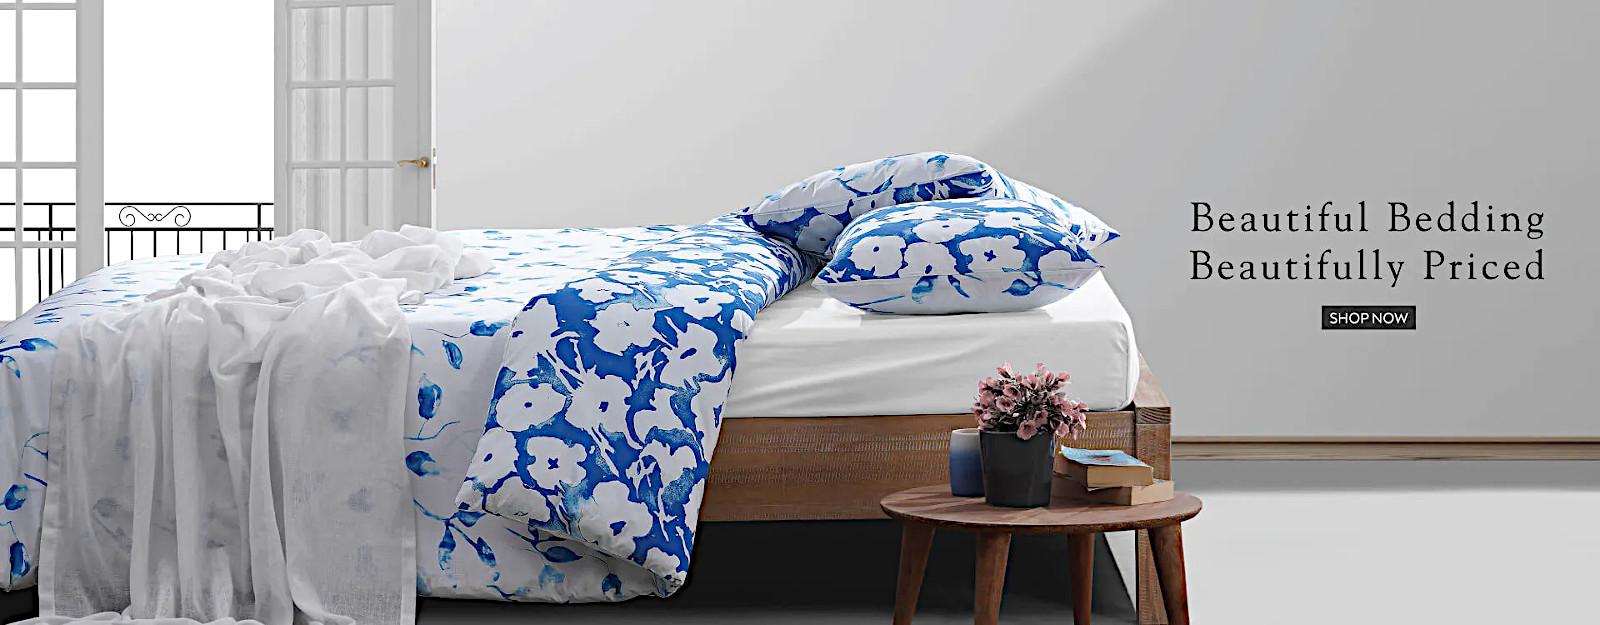 Enhanced bedding